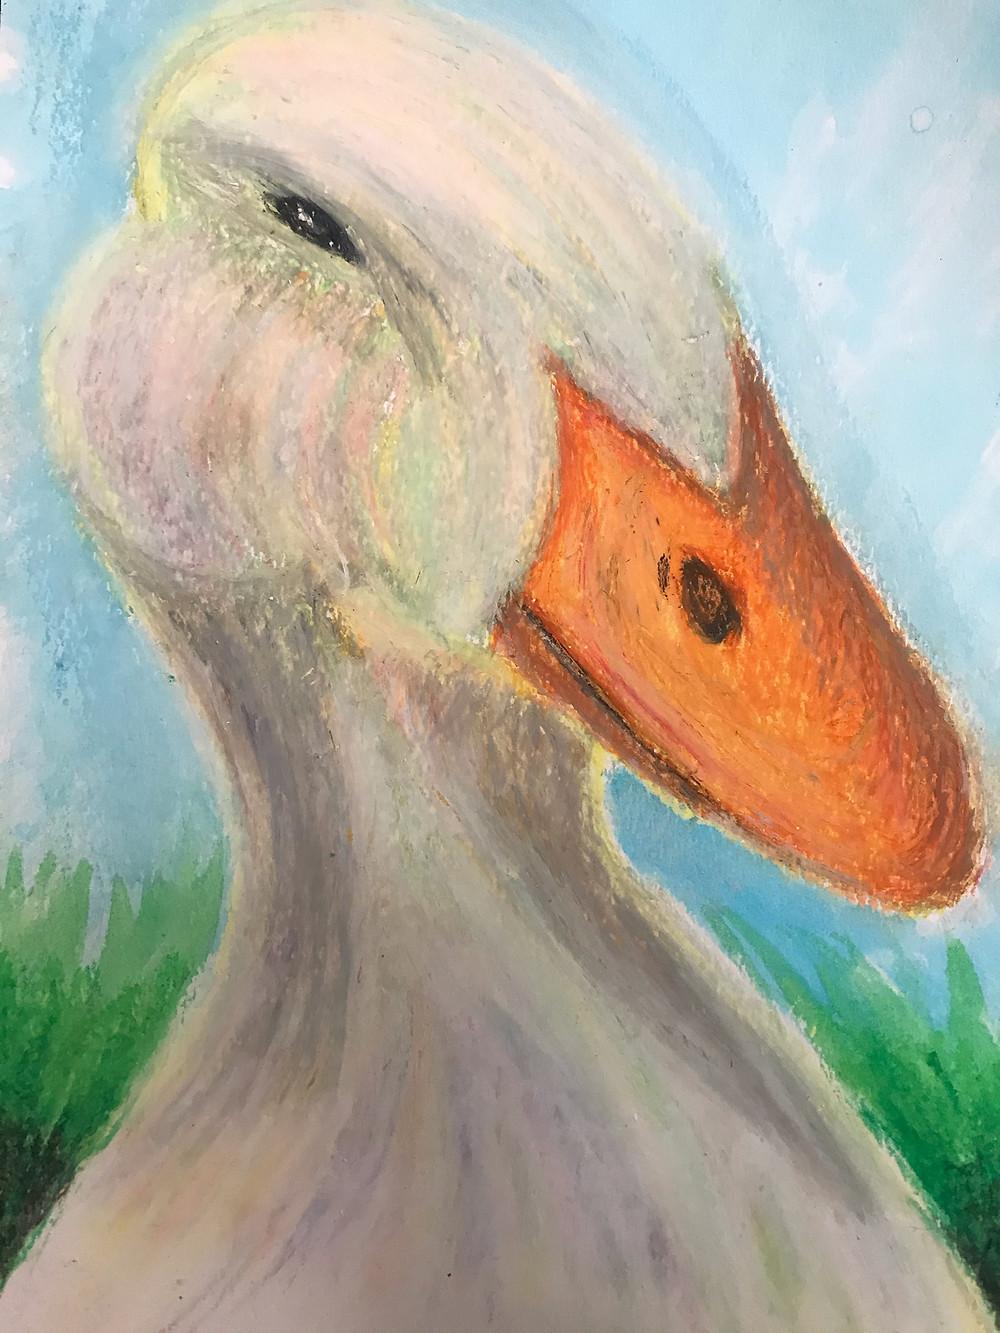 Duck in oil pastels by Danielle Menard DM Production